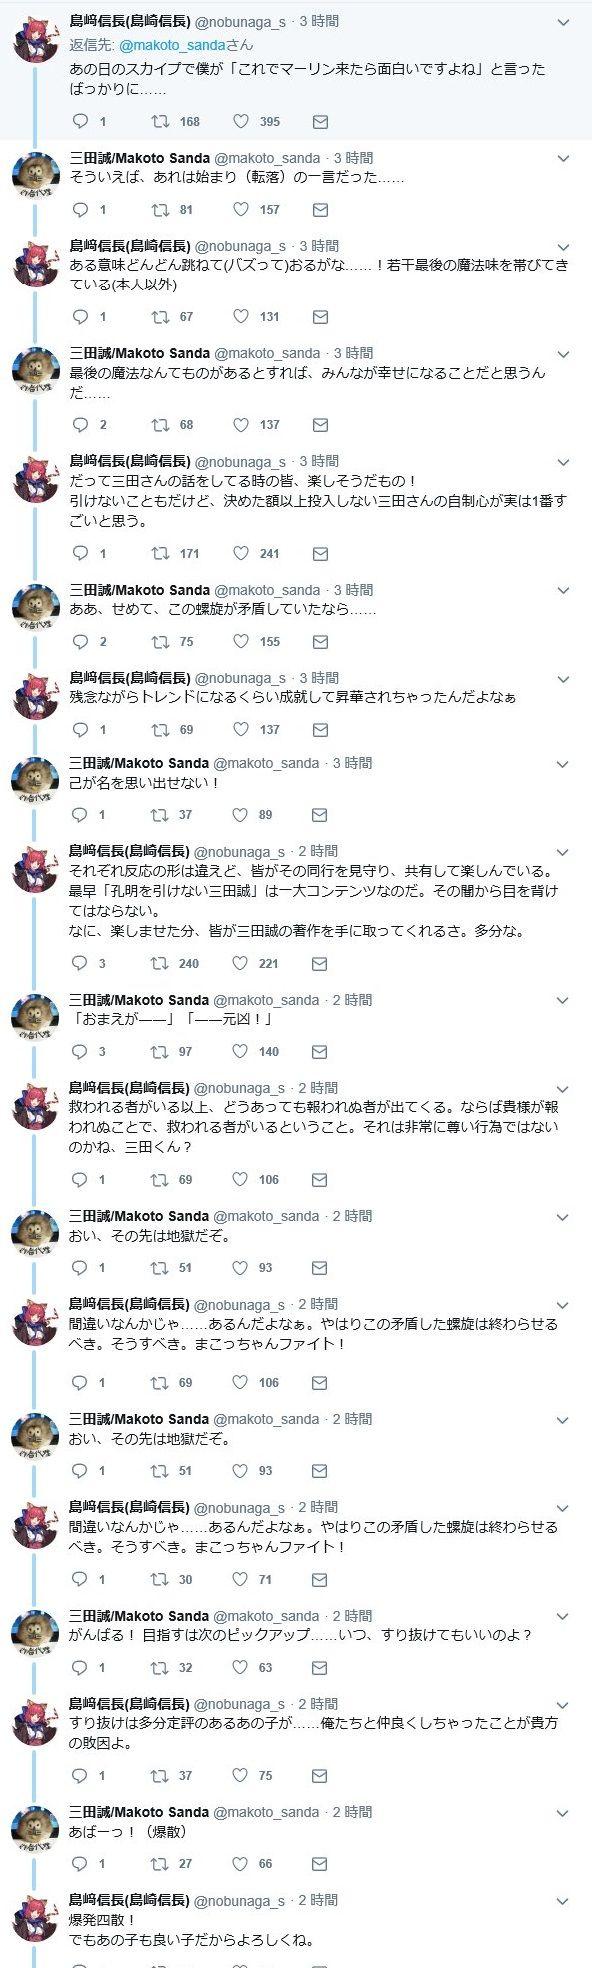 FGO 島崎信長 三田誠 ツイッター ガチャ 爆死 煽り 炎上に関連した画像-02